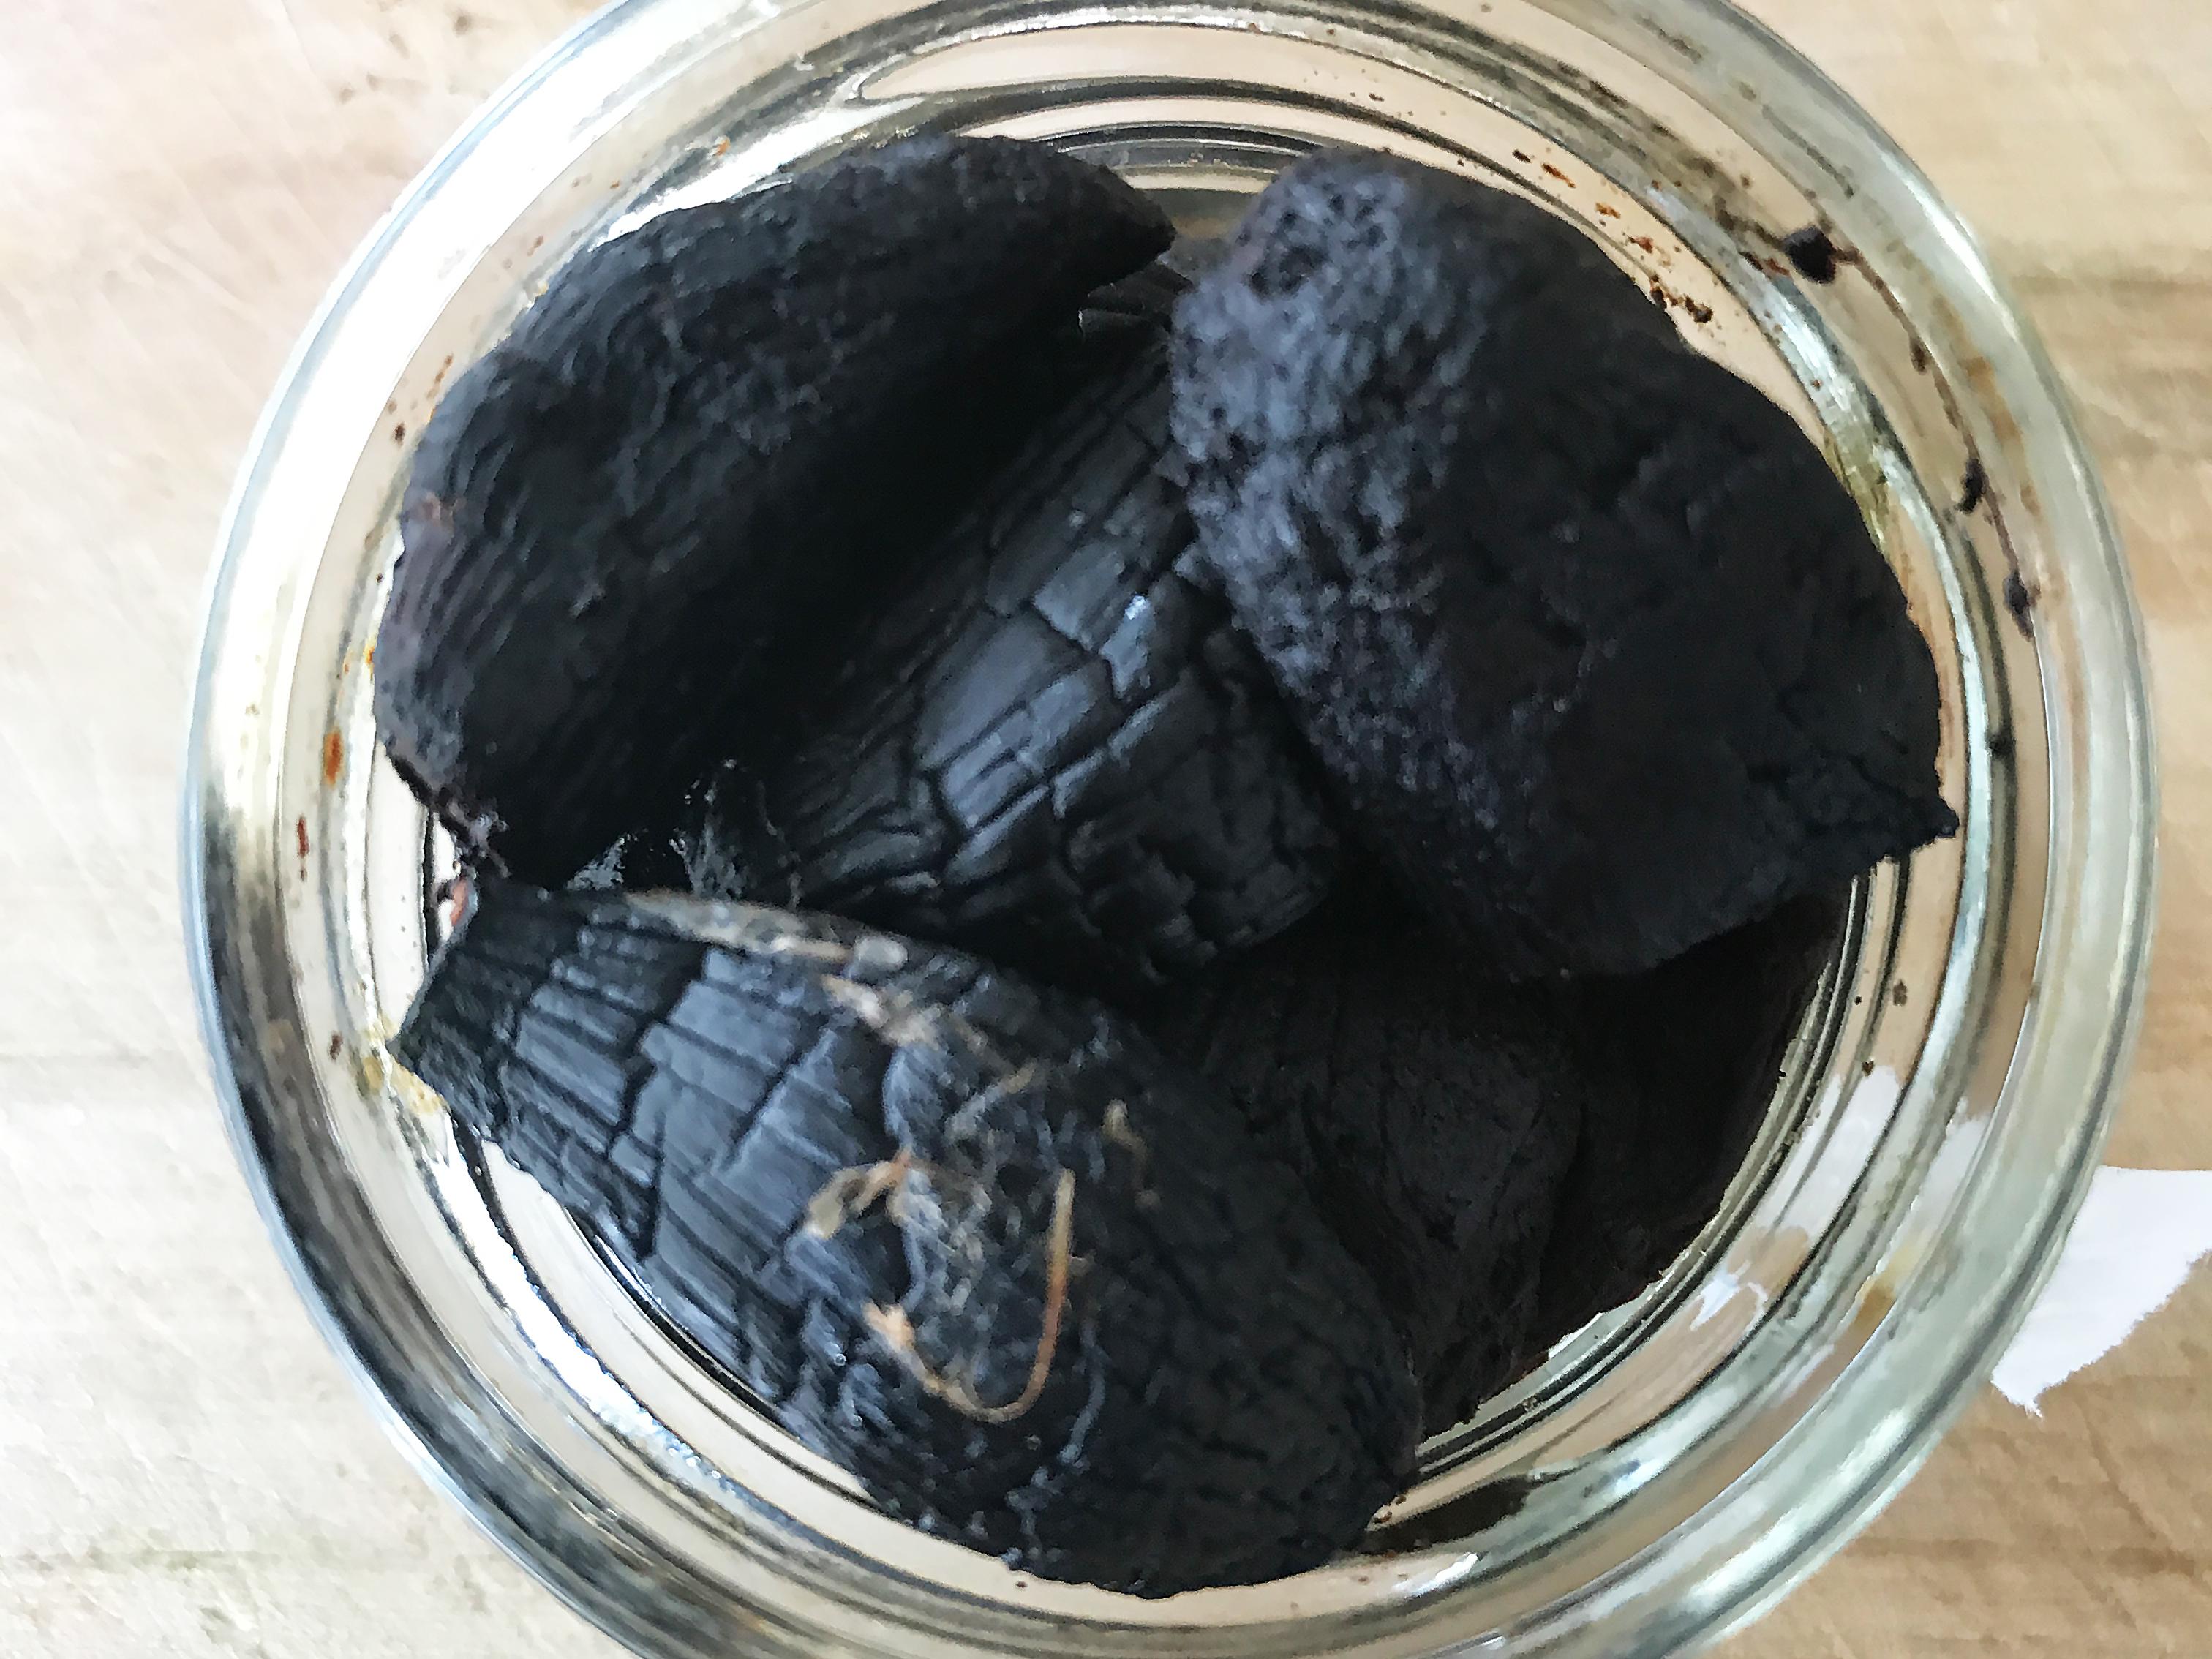 schwarzer Knoblauch Flammkuchen No. 3